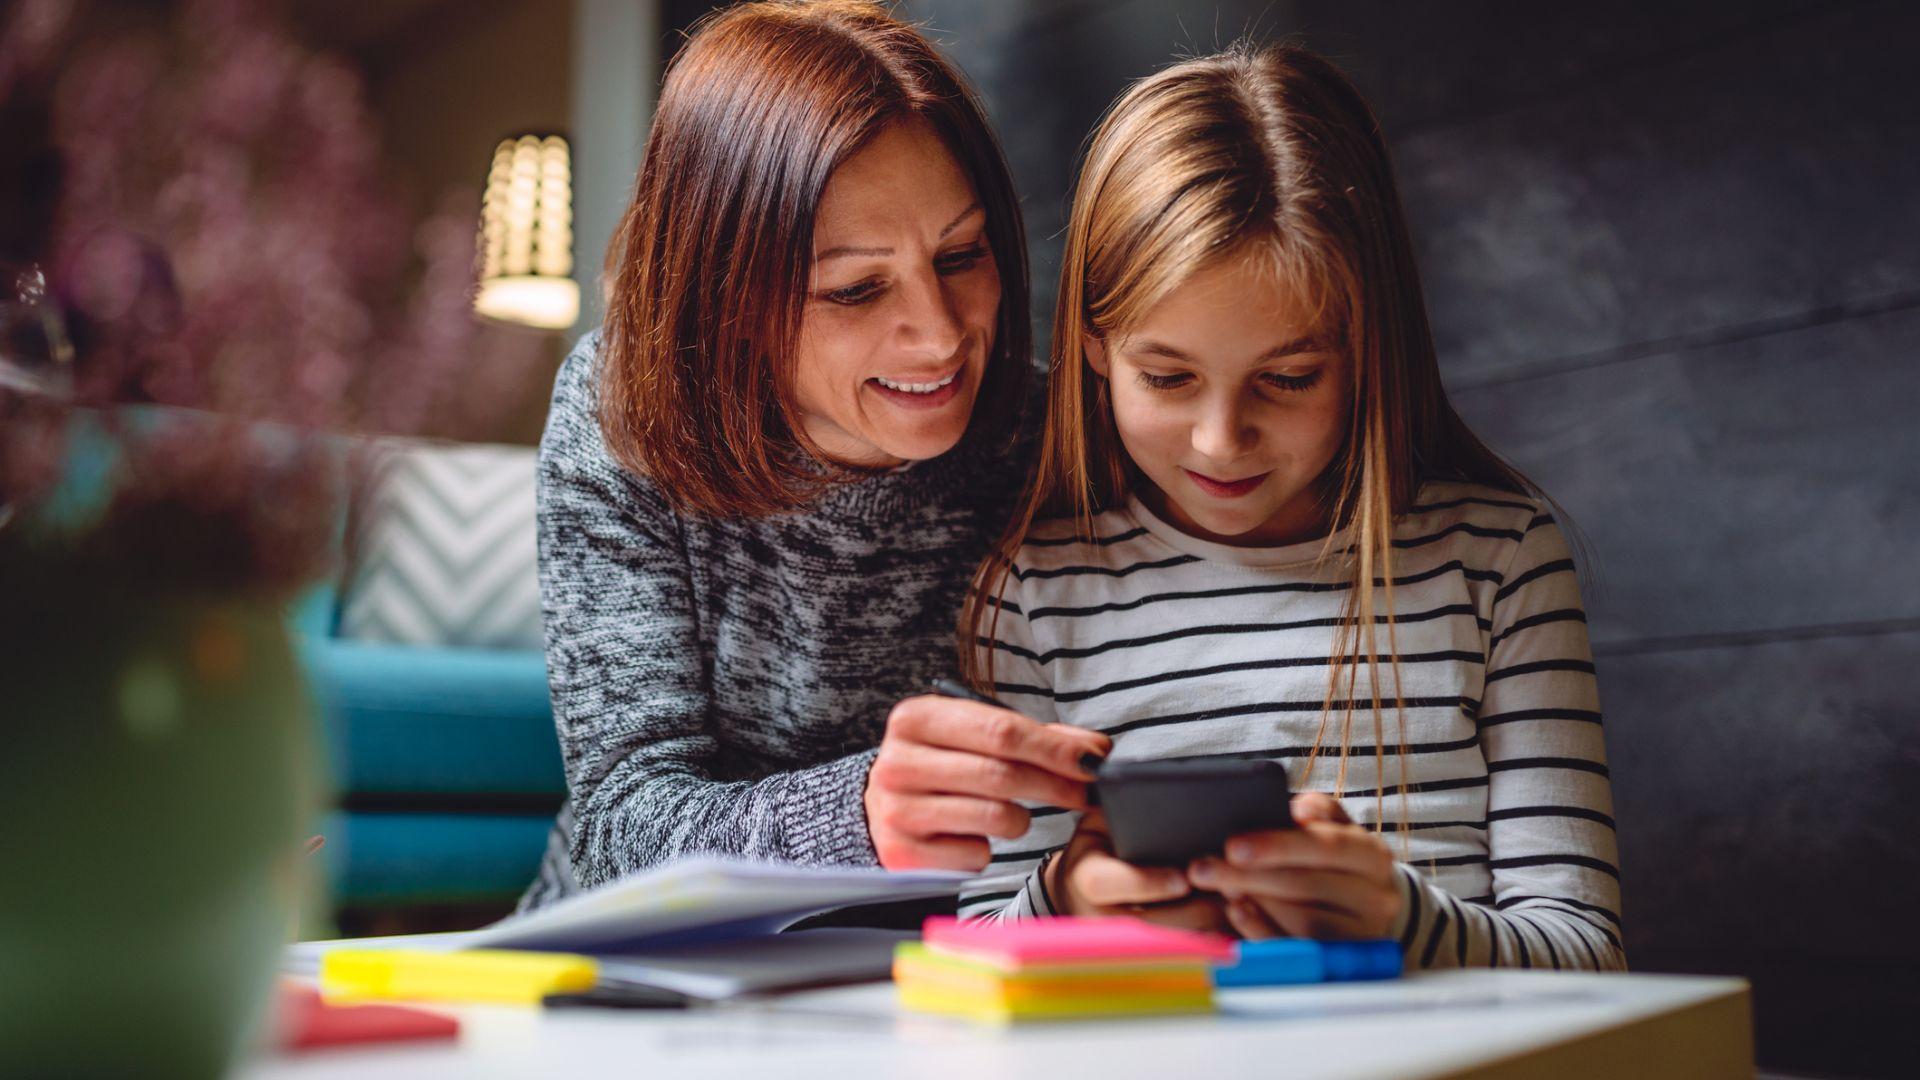 Може би е по-добре детето ви да е с обикновен телефон, а не със смартфон